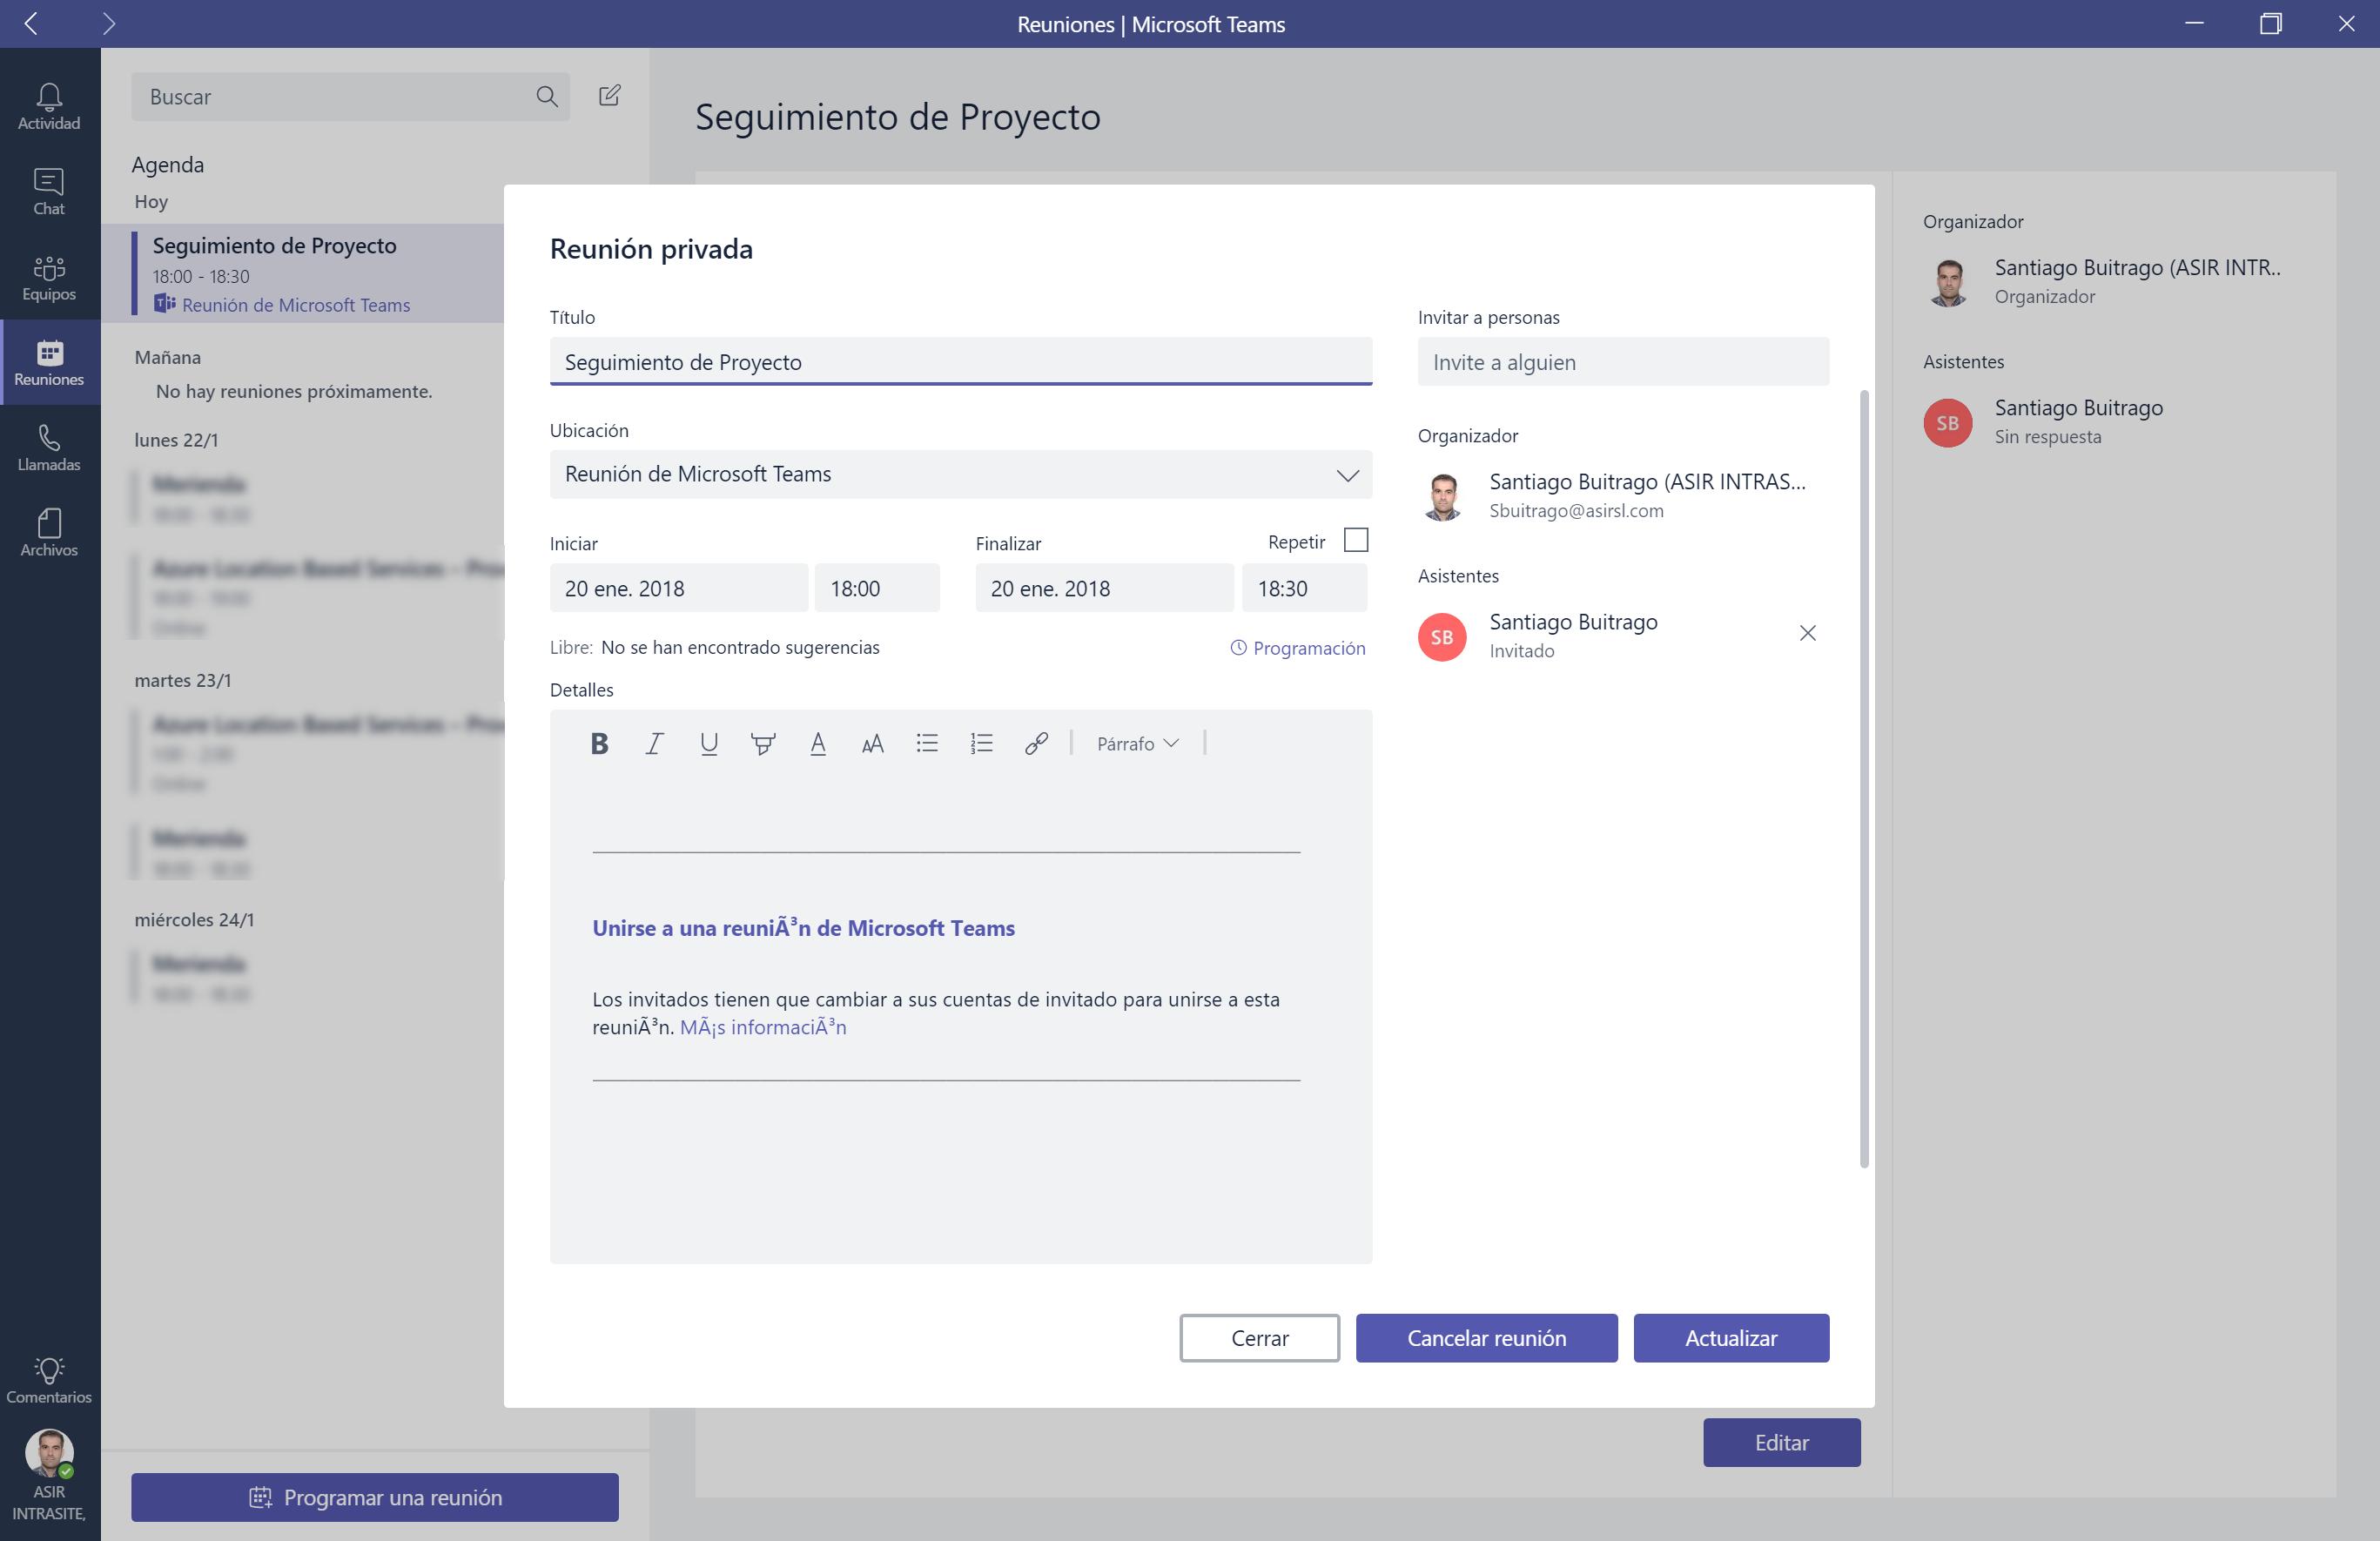 Microsoft Teams, conceptos y tecnología (Parte VII) - Blog